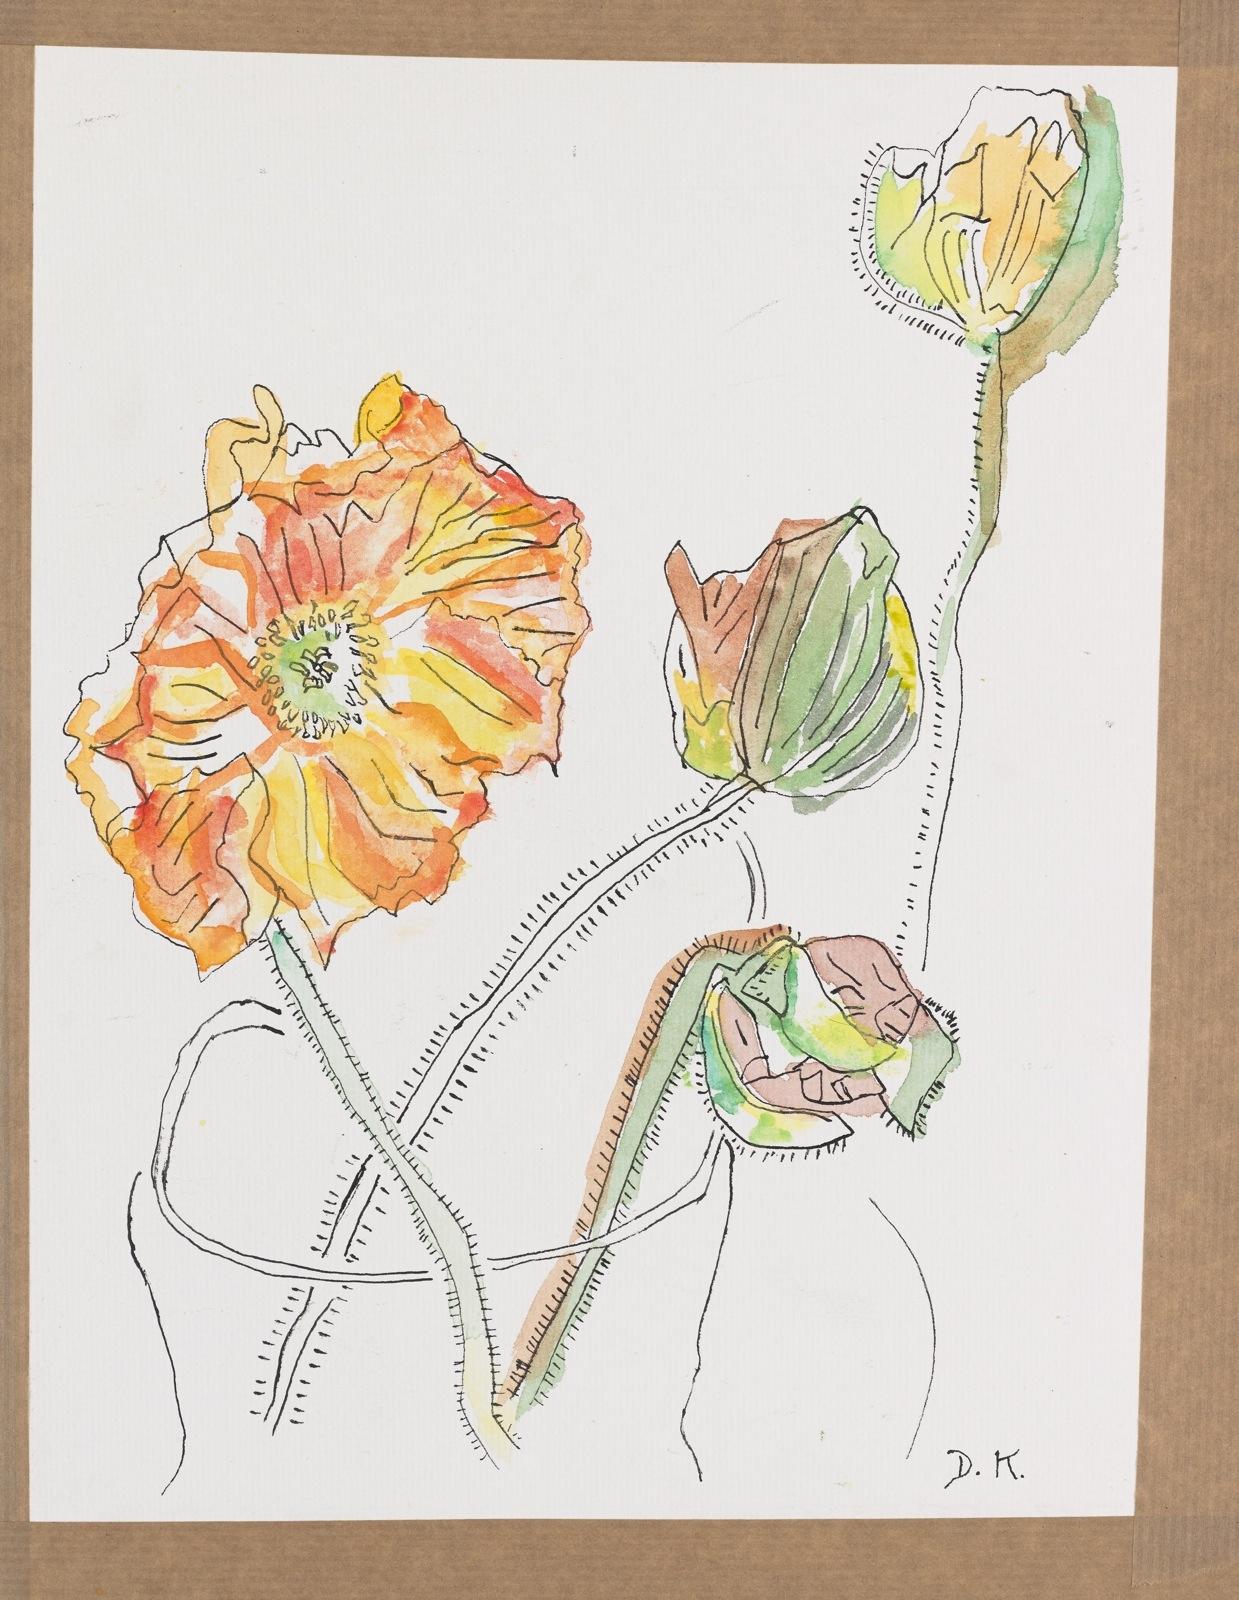 Dessin, encre et aquarelle : Fleurs